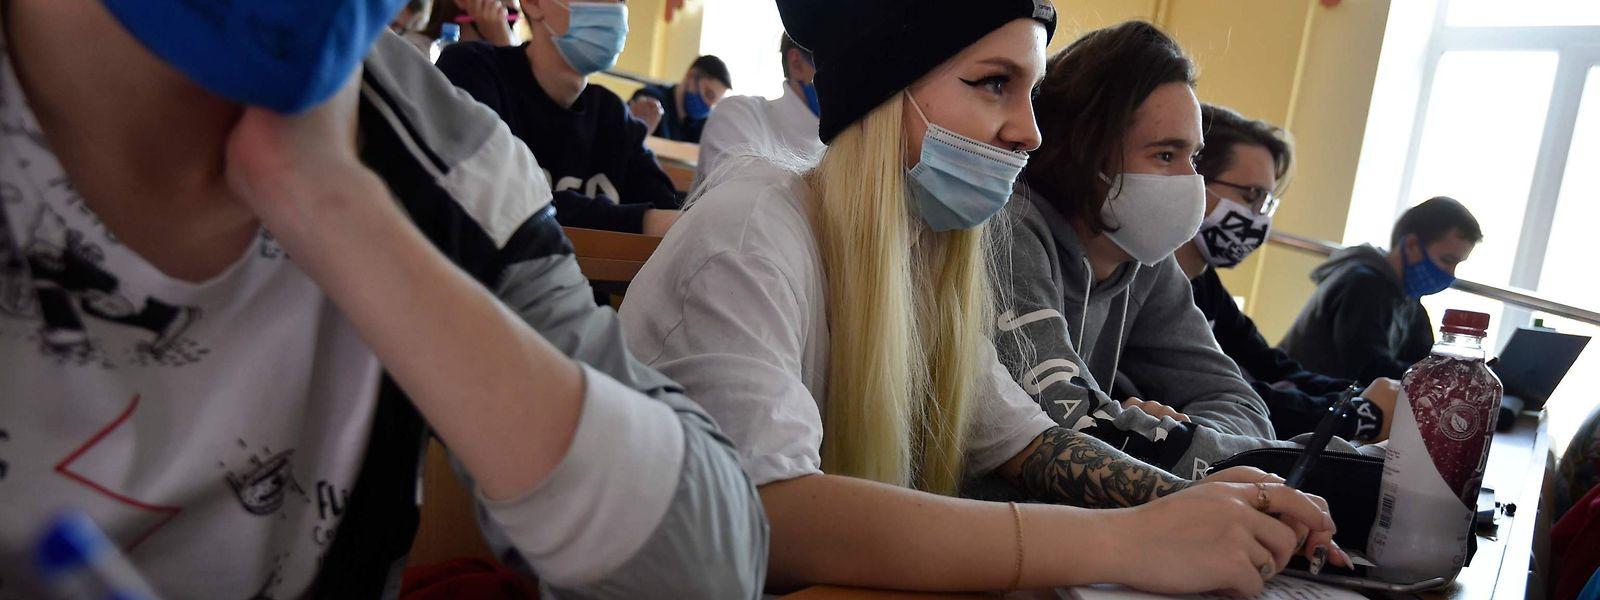 Depuis lundi, des tests salivaires gratuits et anonymes sont proposés aux 30.000 étudiants de l'Université de Liège.